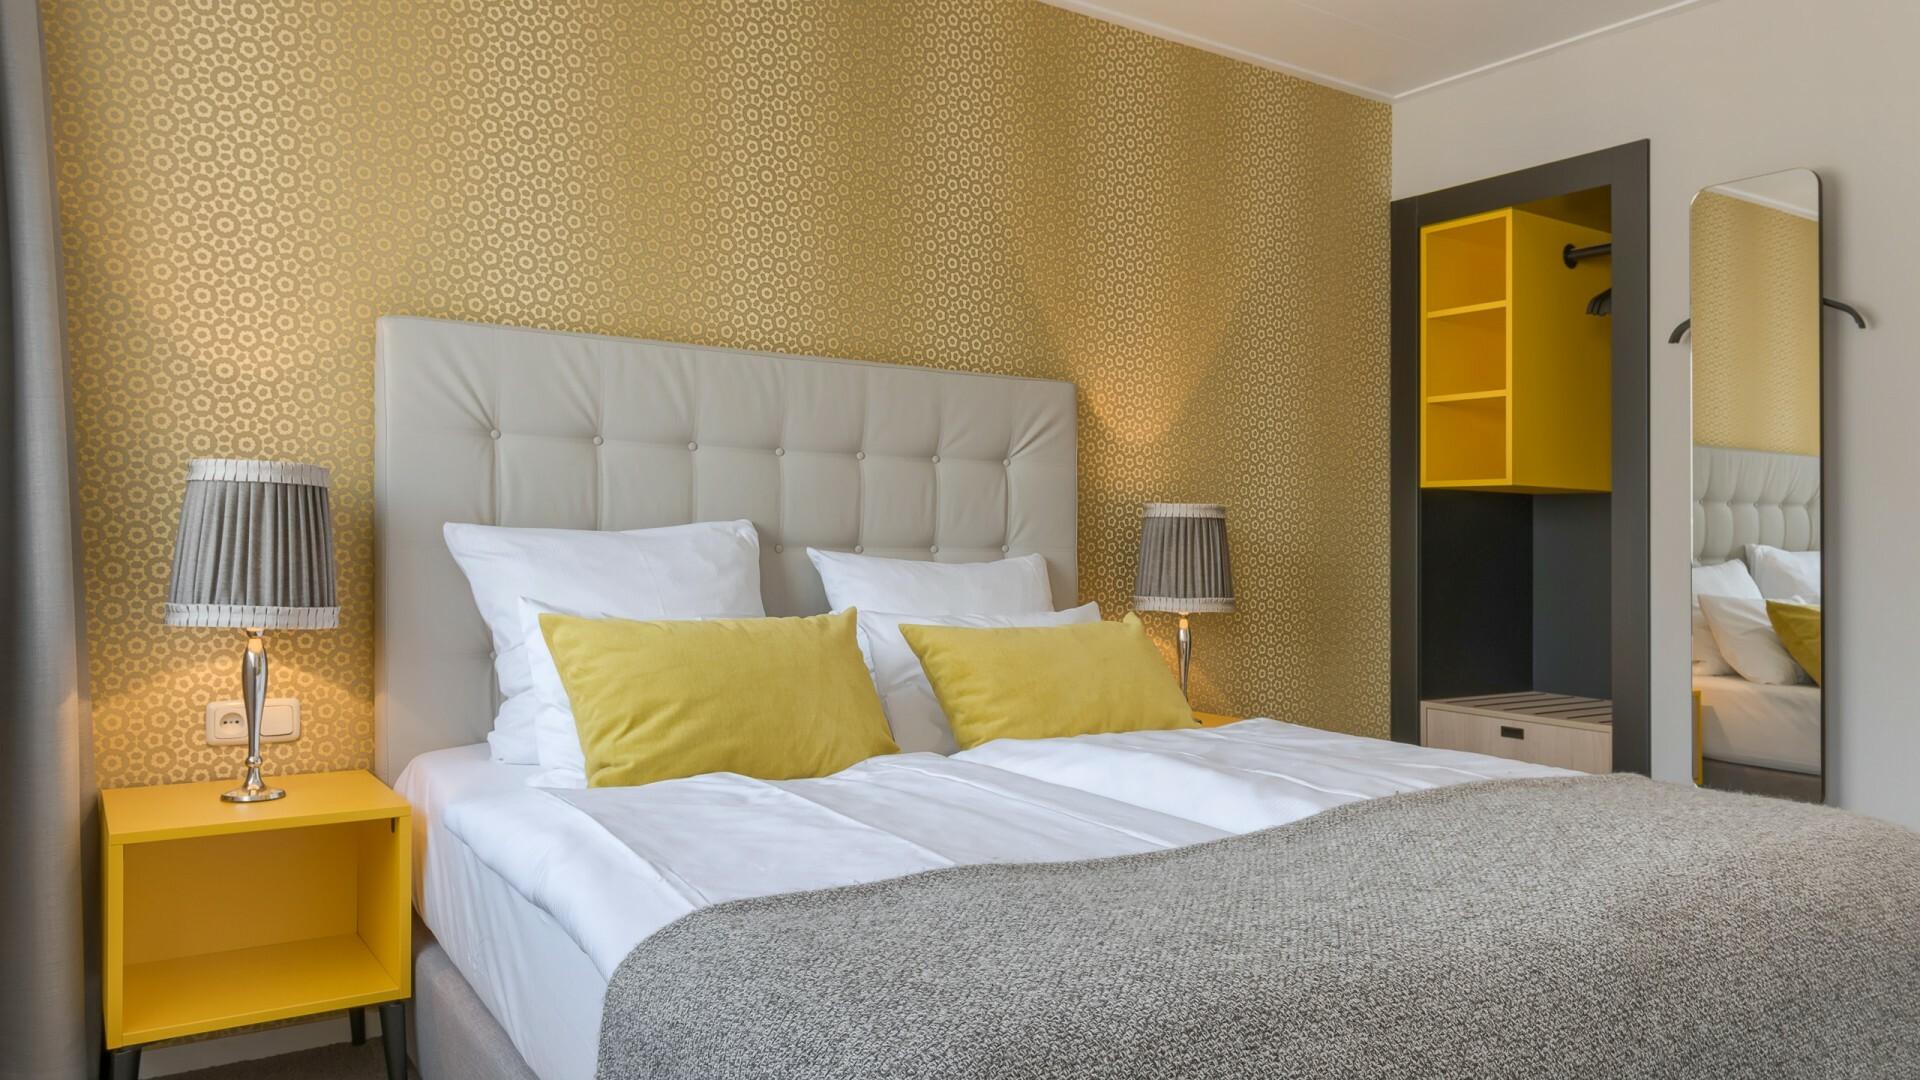 Hotelkamer bed comfort Hotel Op Diek VVV Texel